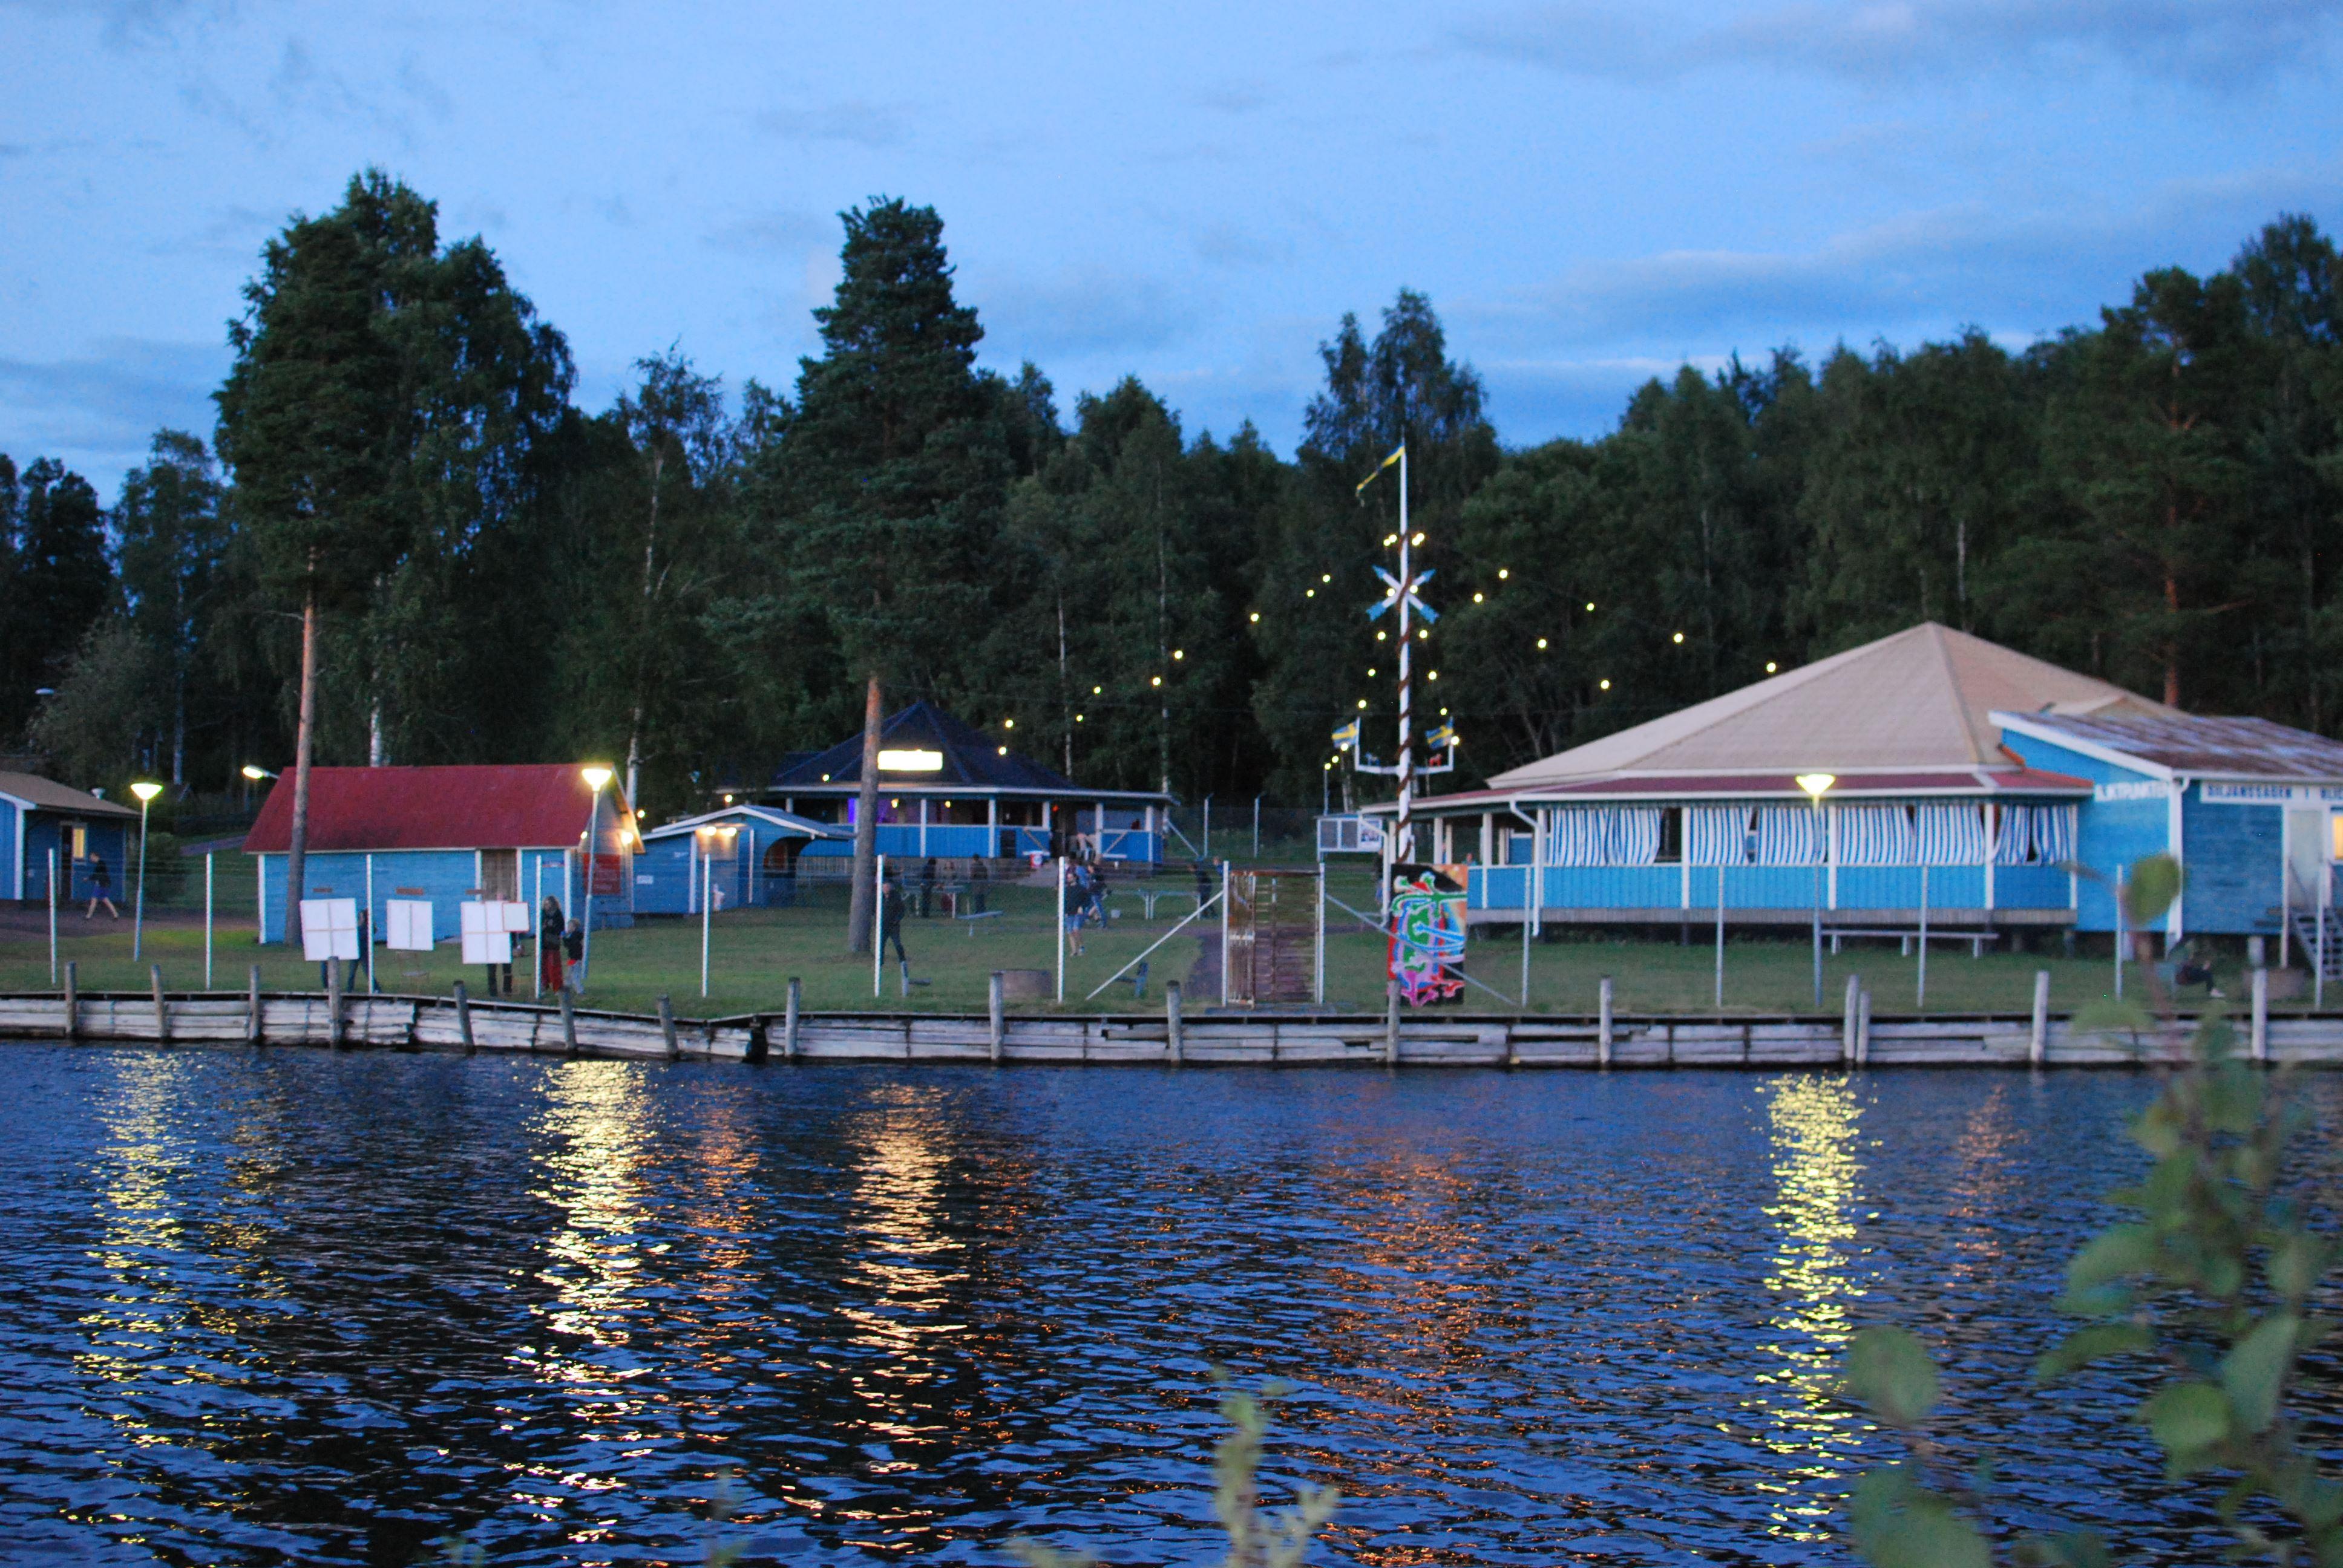 Noisenäsfestivalen, Bliktpunkten Nusnäs